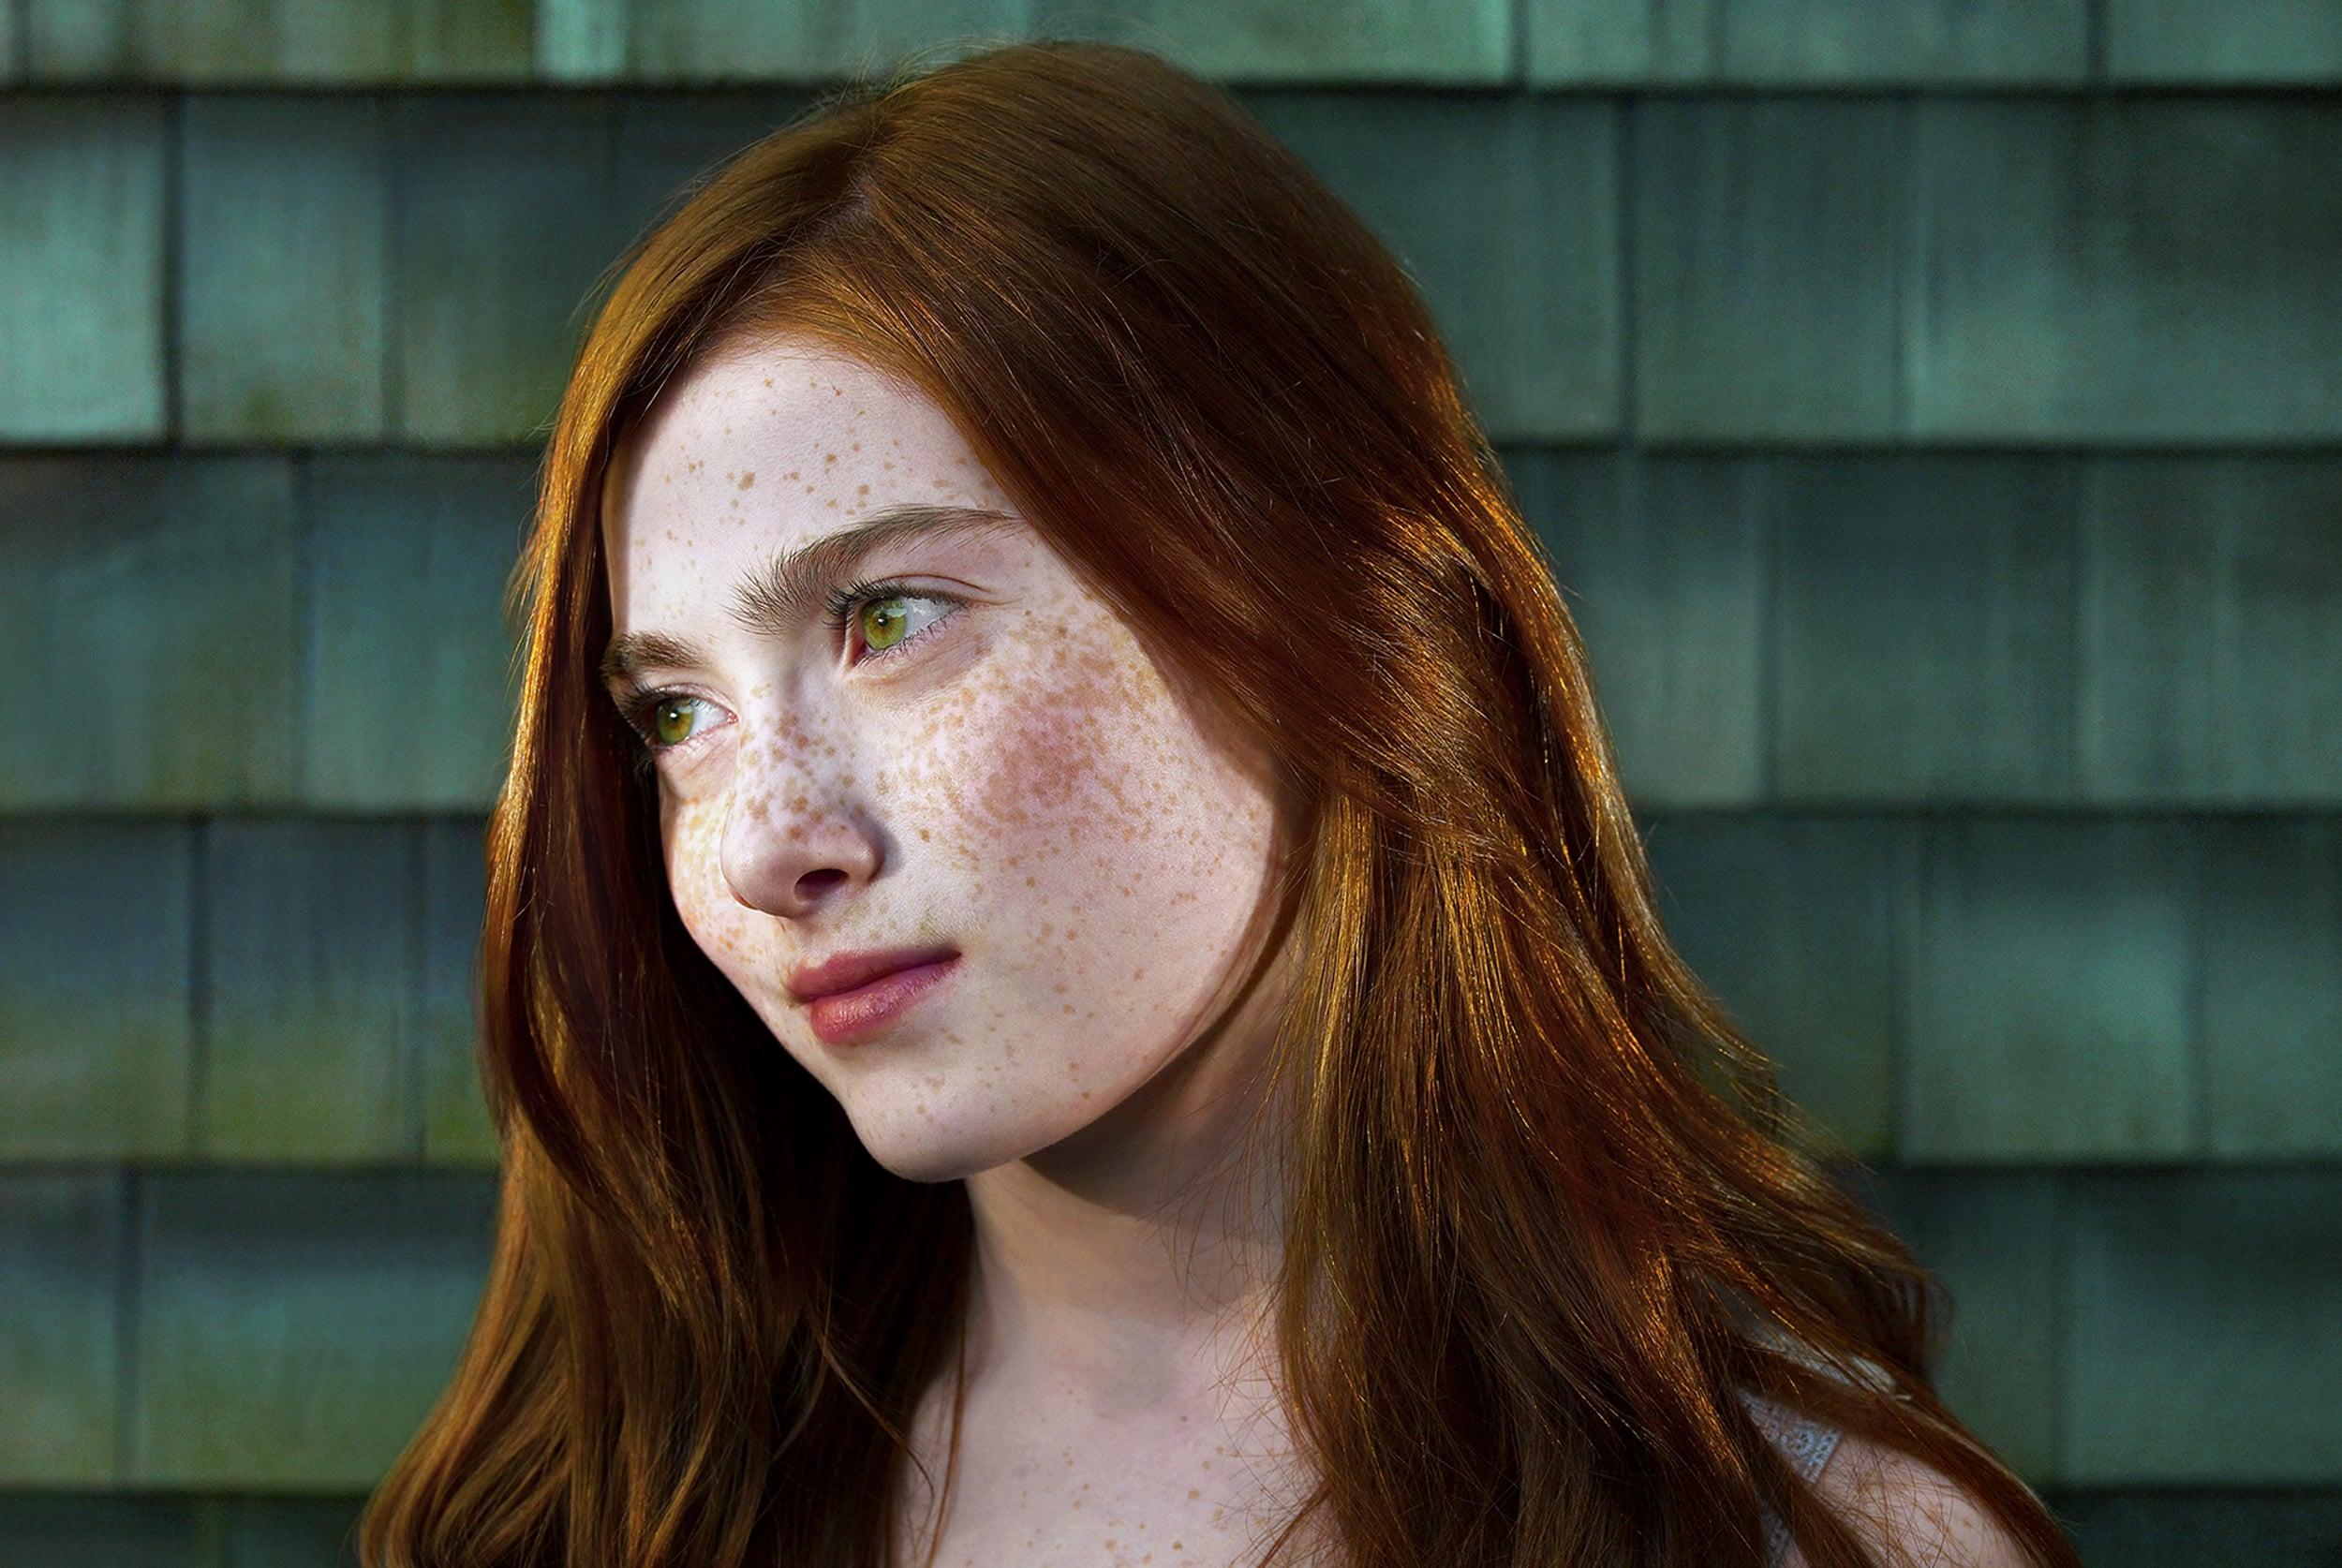 Personal Red Hair Girl.jpg